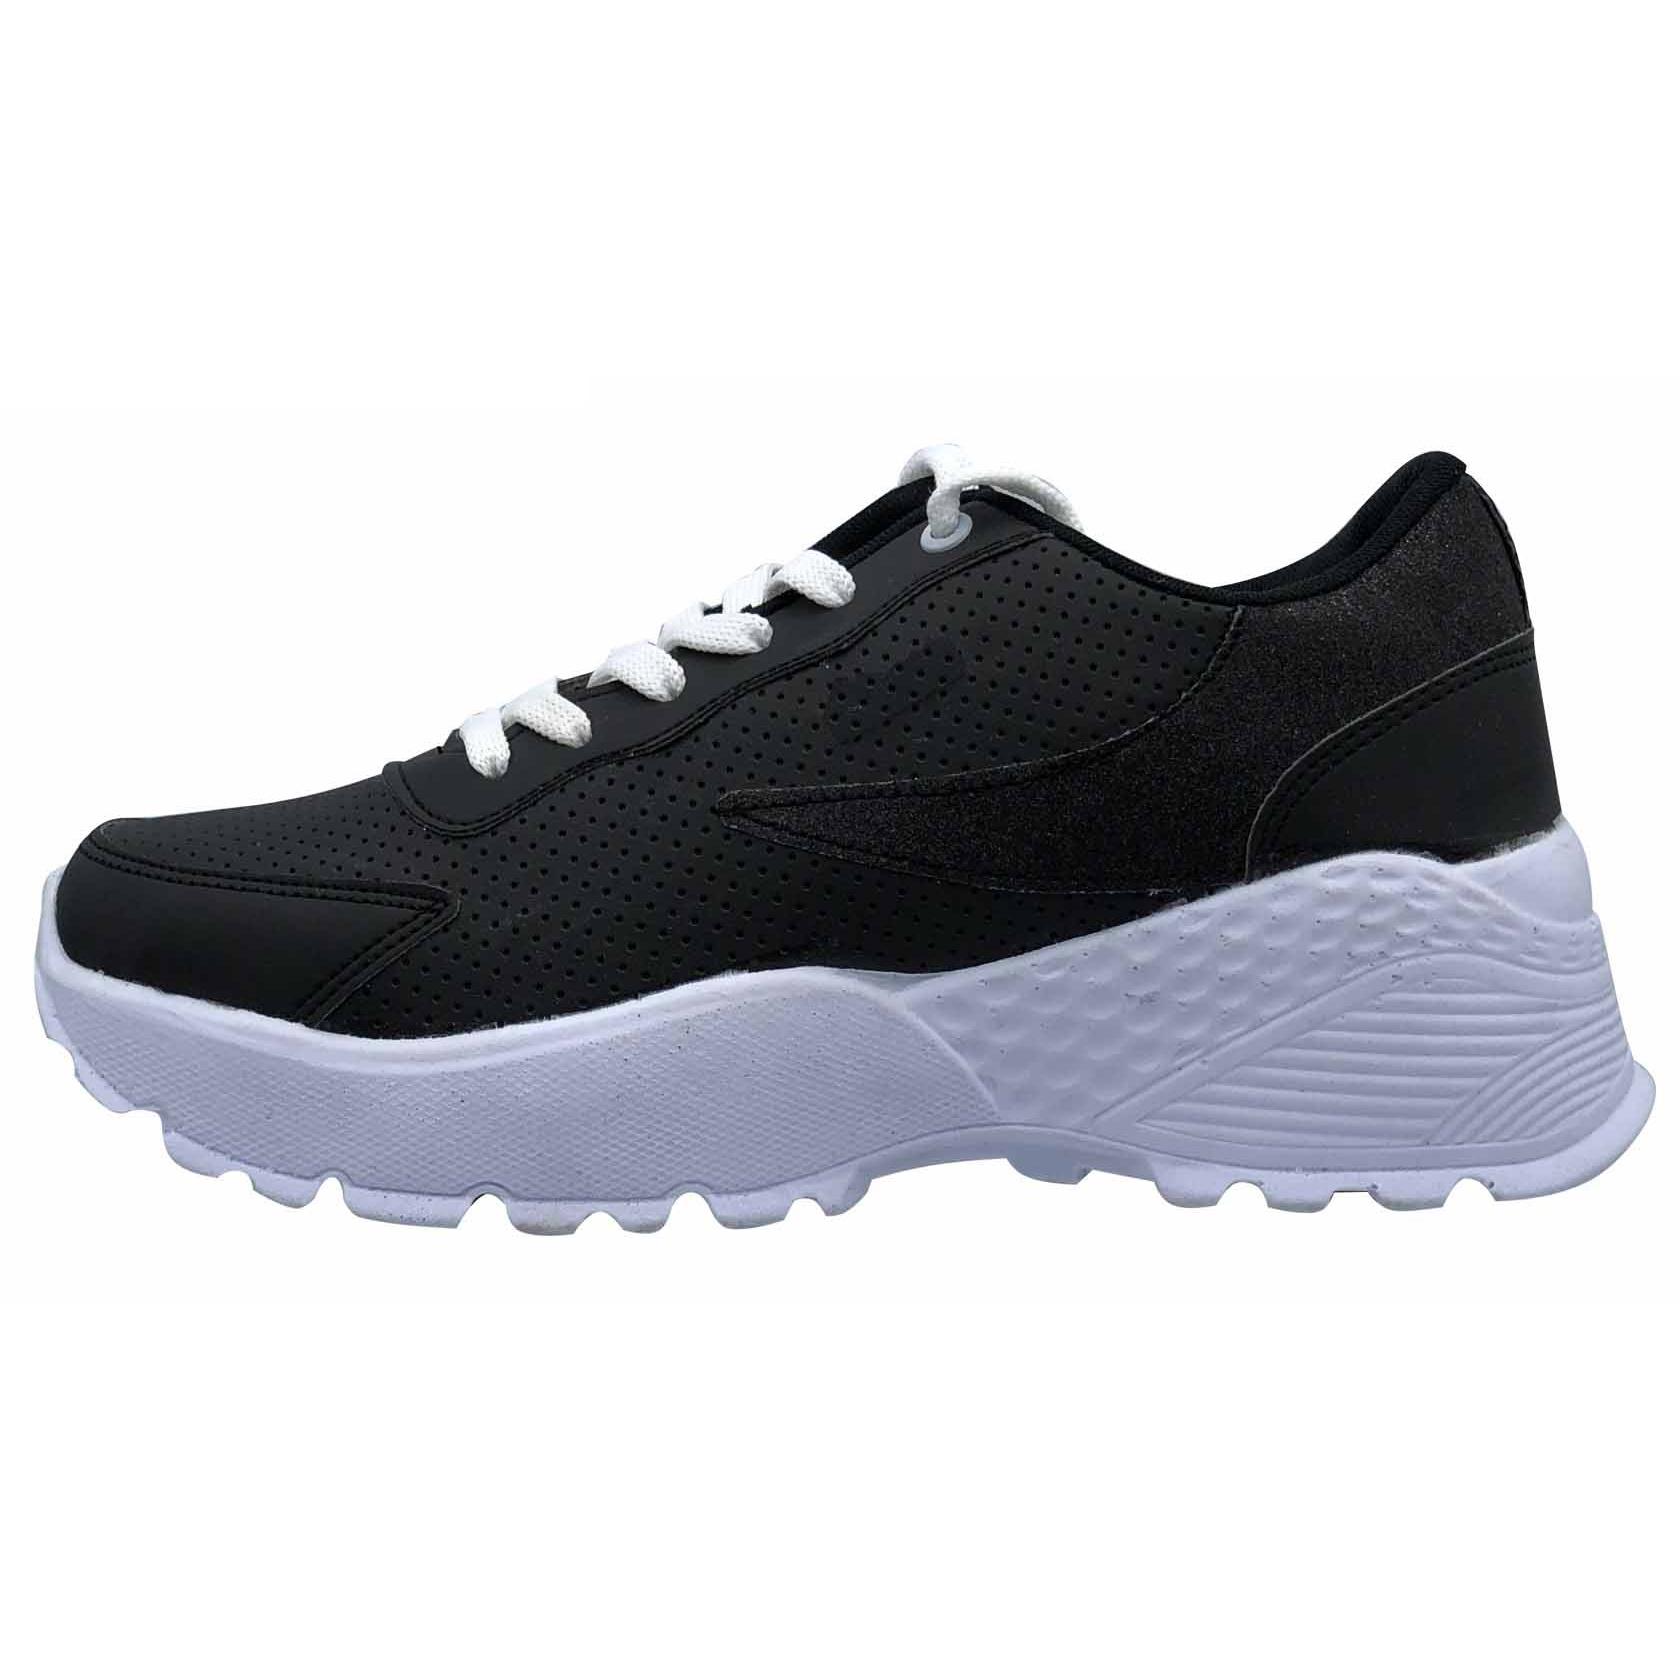 کفش مخصوص پیاده روی زنانه کد 9812